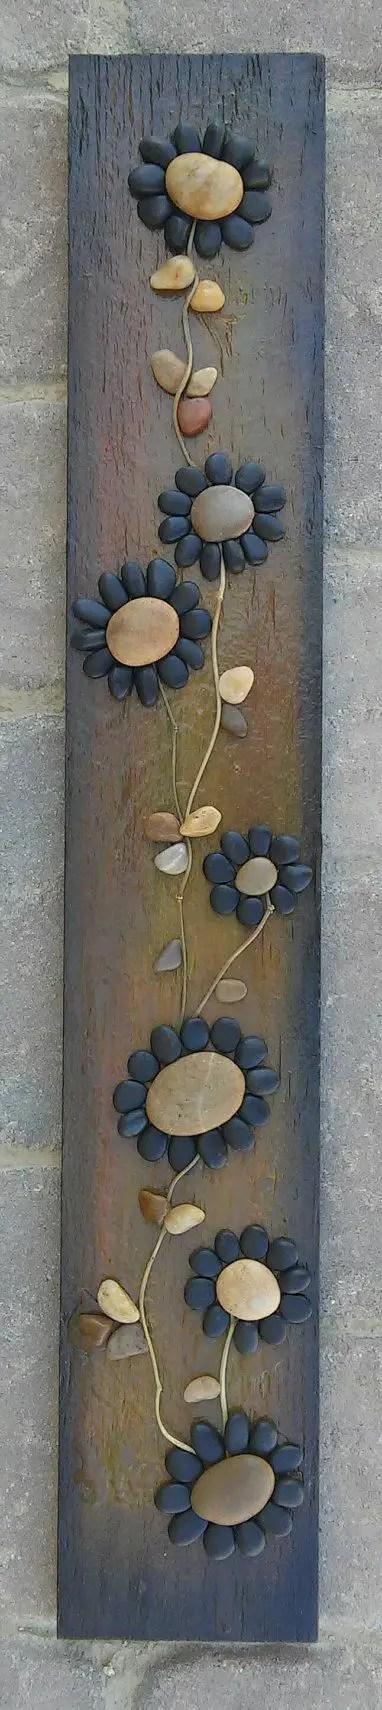 amenajarea gradinii cu pietris Pebble garden decoration ideas 10